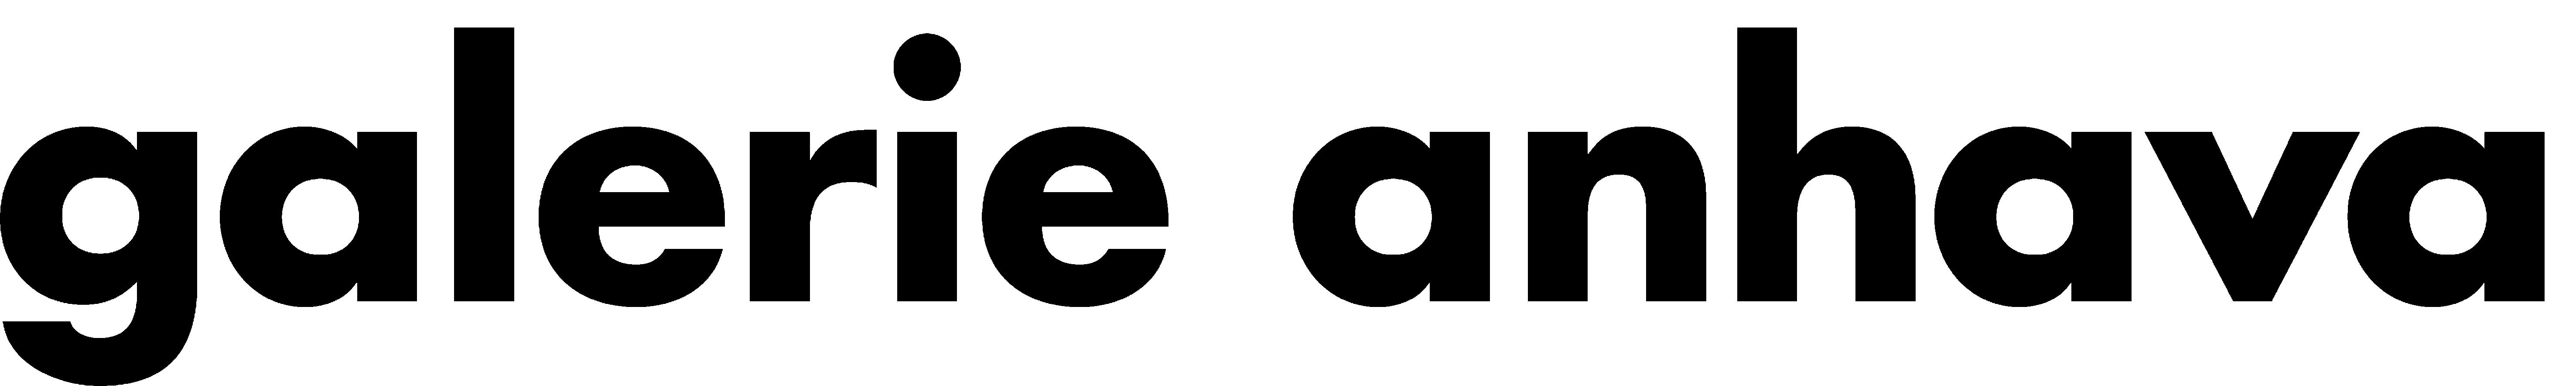 Galerie Anhava logo